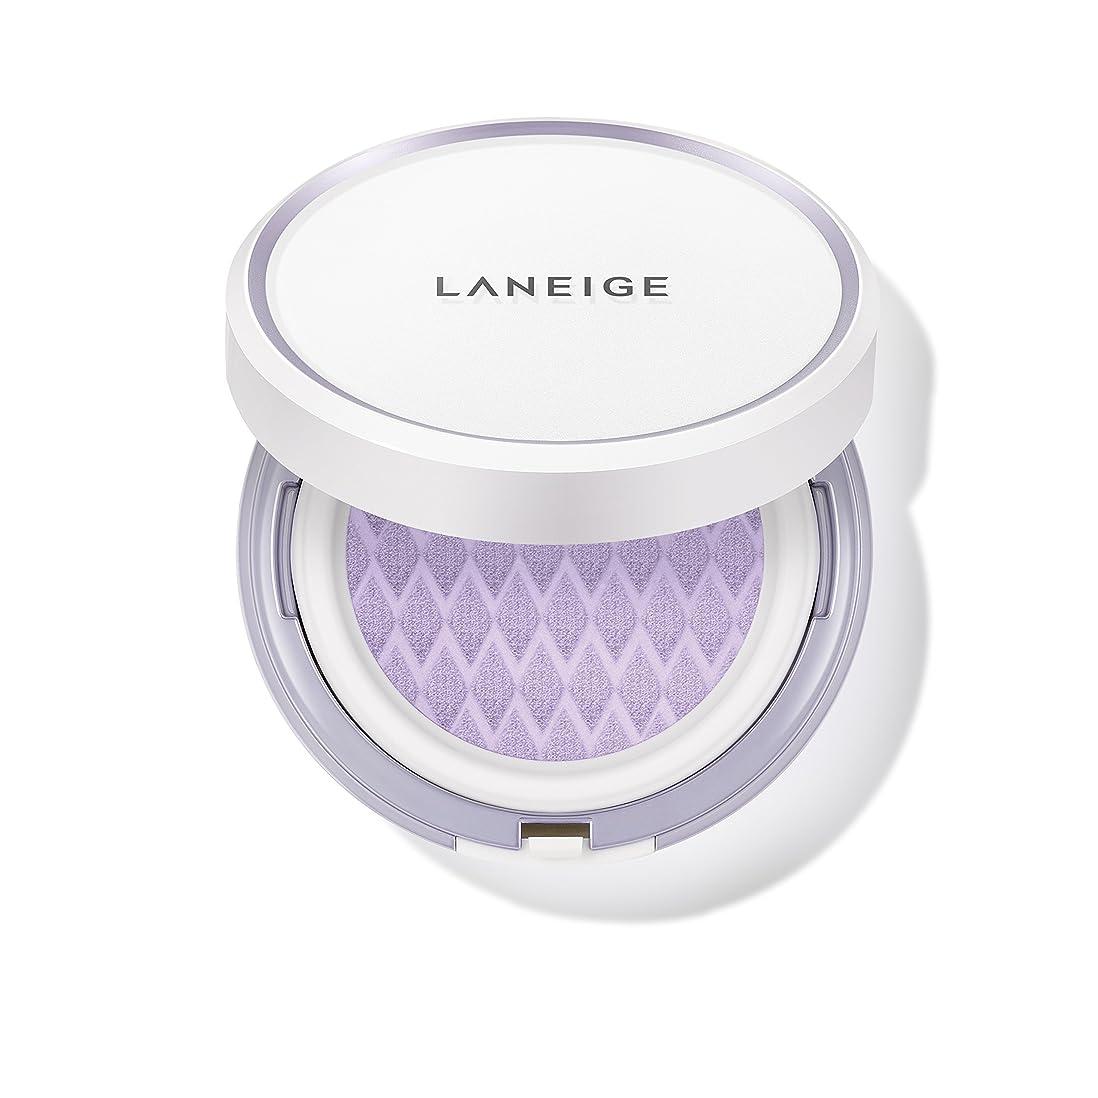 以前はこっそりところでラネージュ[LANEIGE]*AMOREPACIFIC*[新商品]スキンベなベースクッションSPF 22PA++(#40 Light Purple) 15g*2 / LANEIGE Skin Veil Base Cushion SPF22 PA++ (#40 Light Purple) 15g*2 [海外直送品] [並行輸入品]